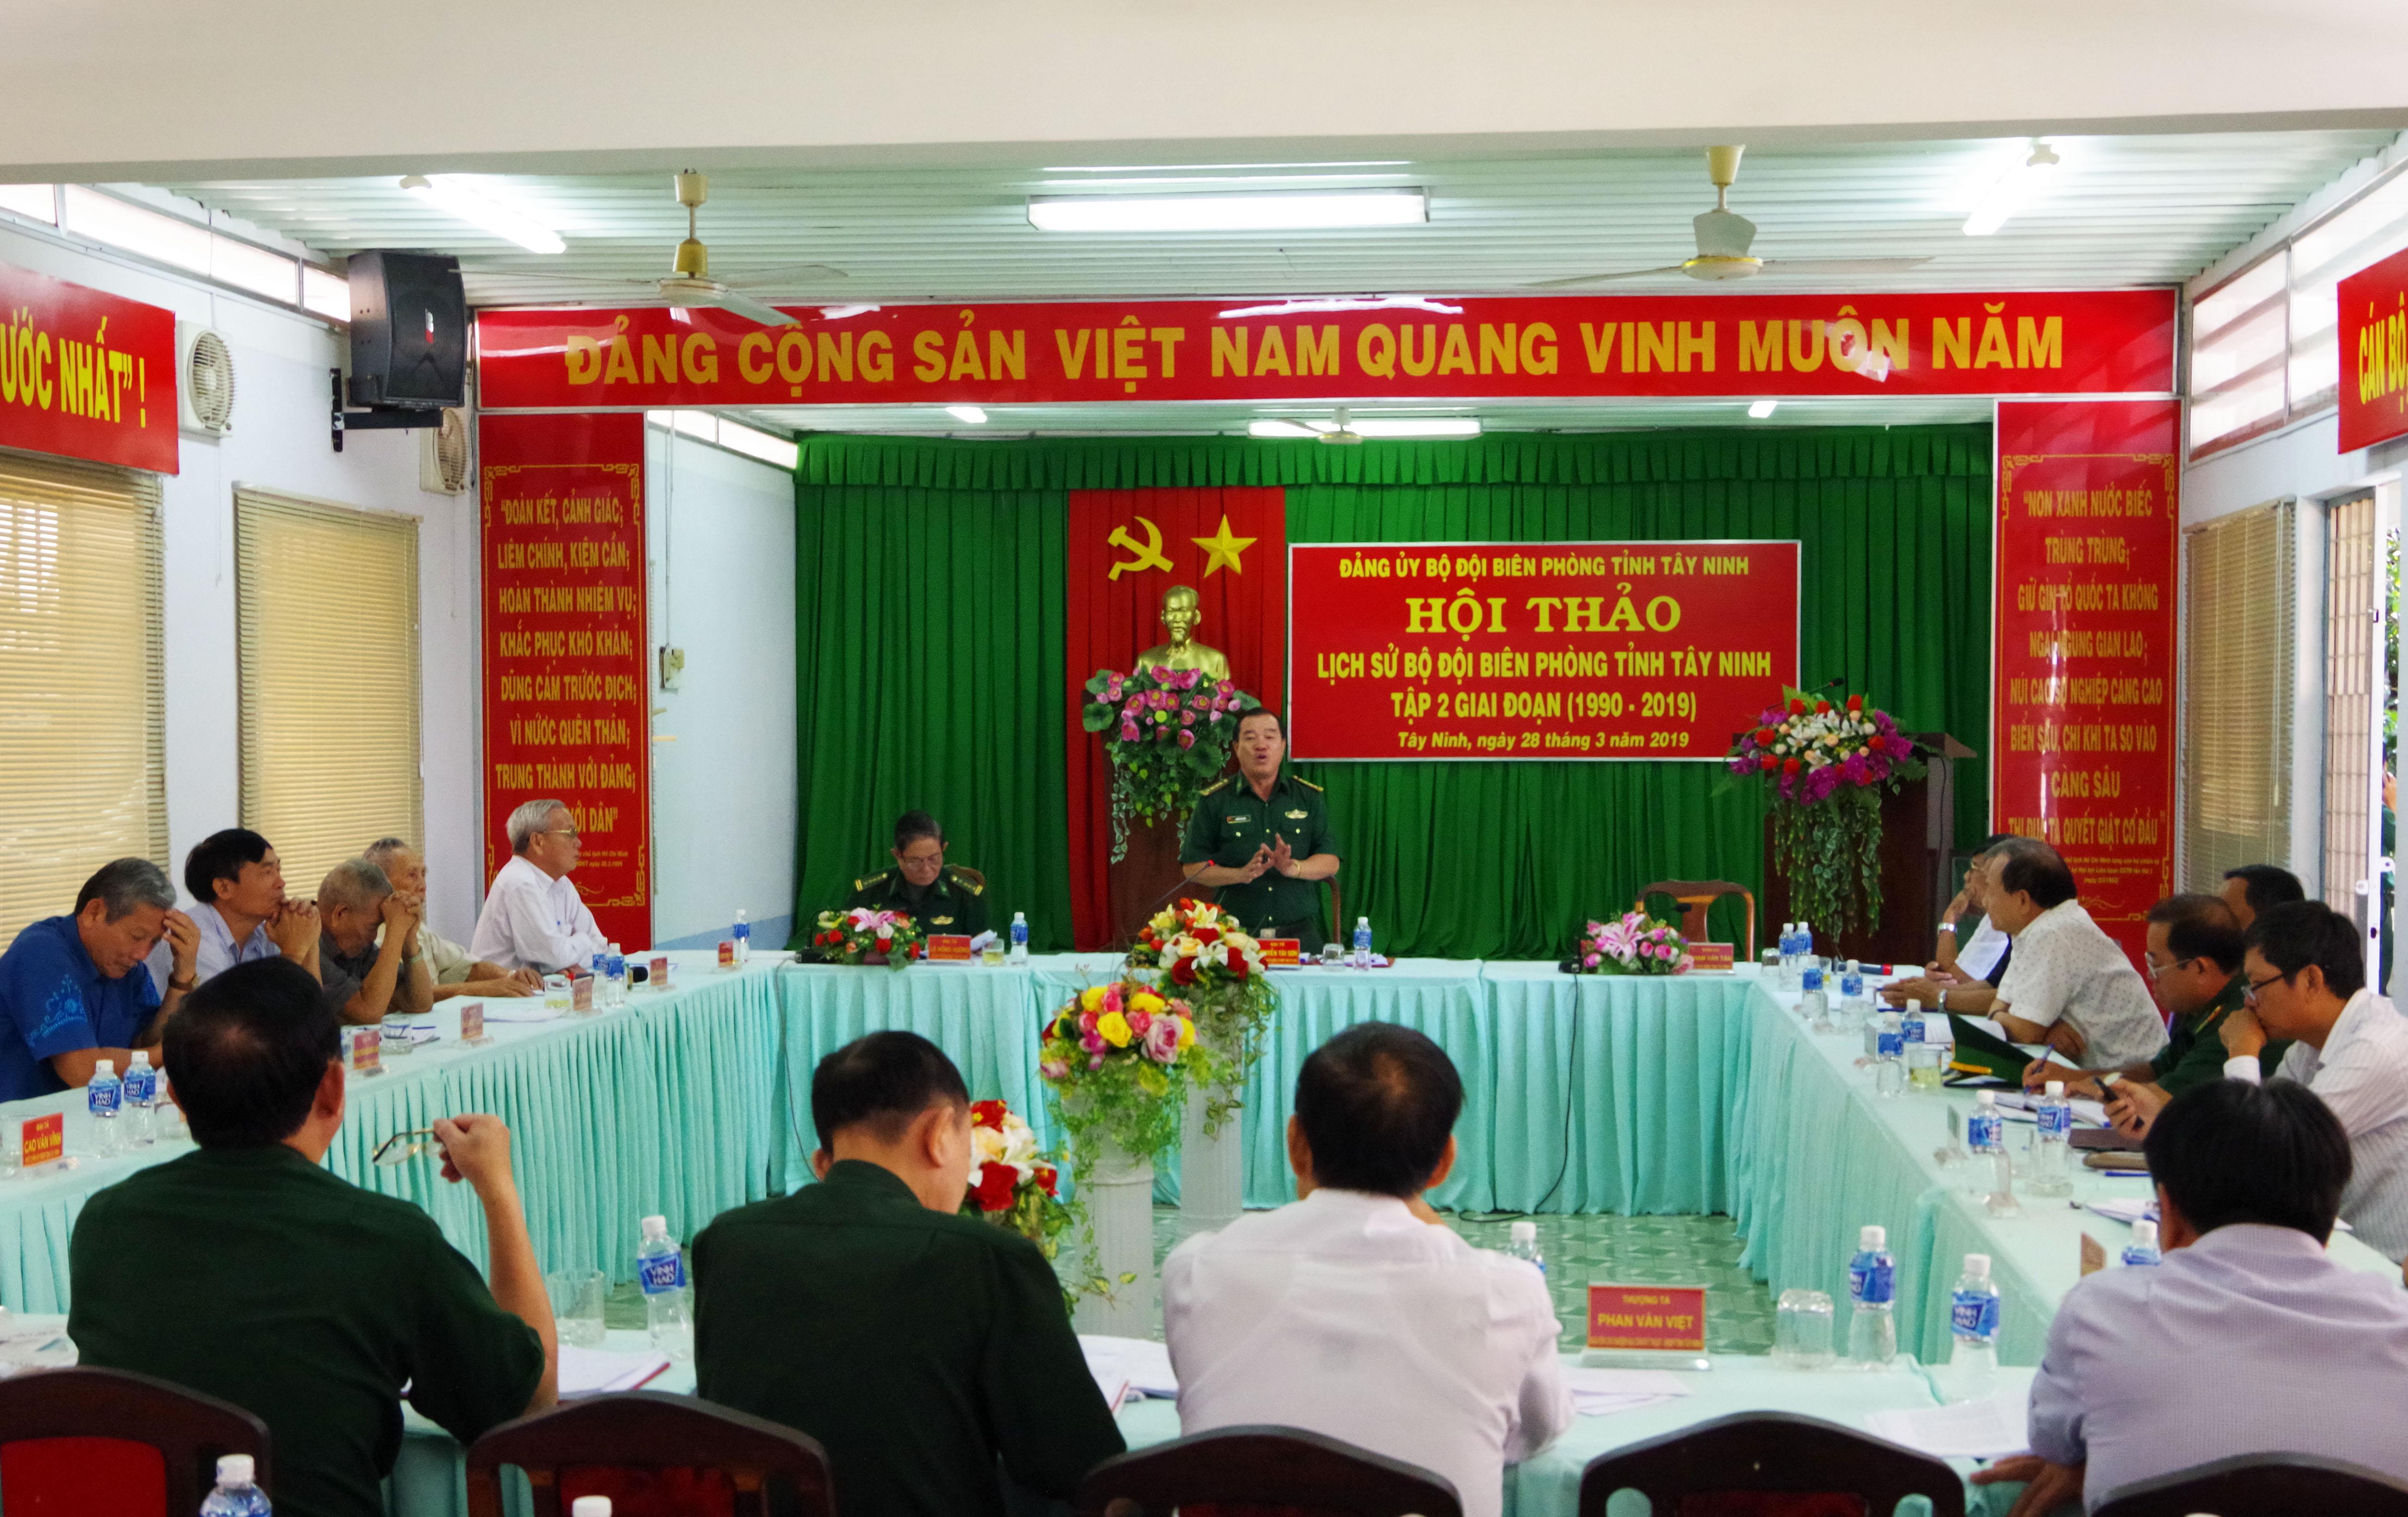 Hội thảo lịch sử BĐBP tỉnh Tây Ninh tập 2, giai đoạn 1990-2019